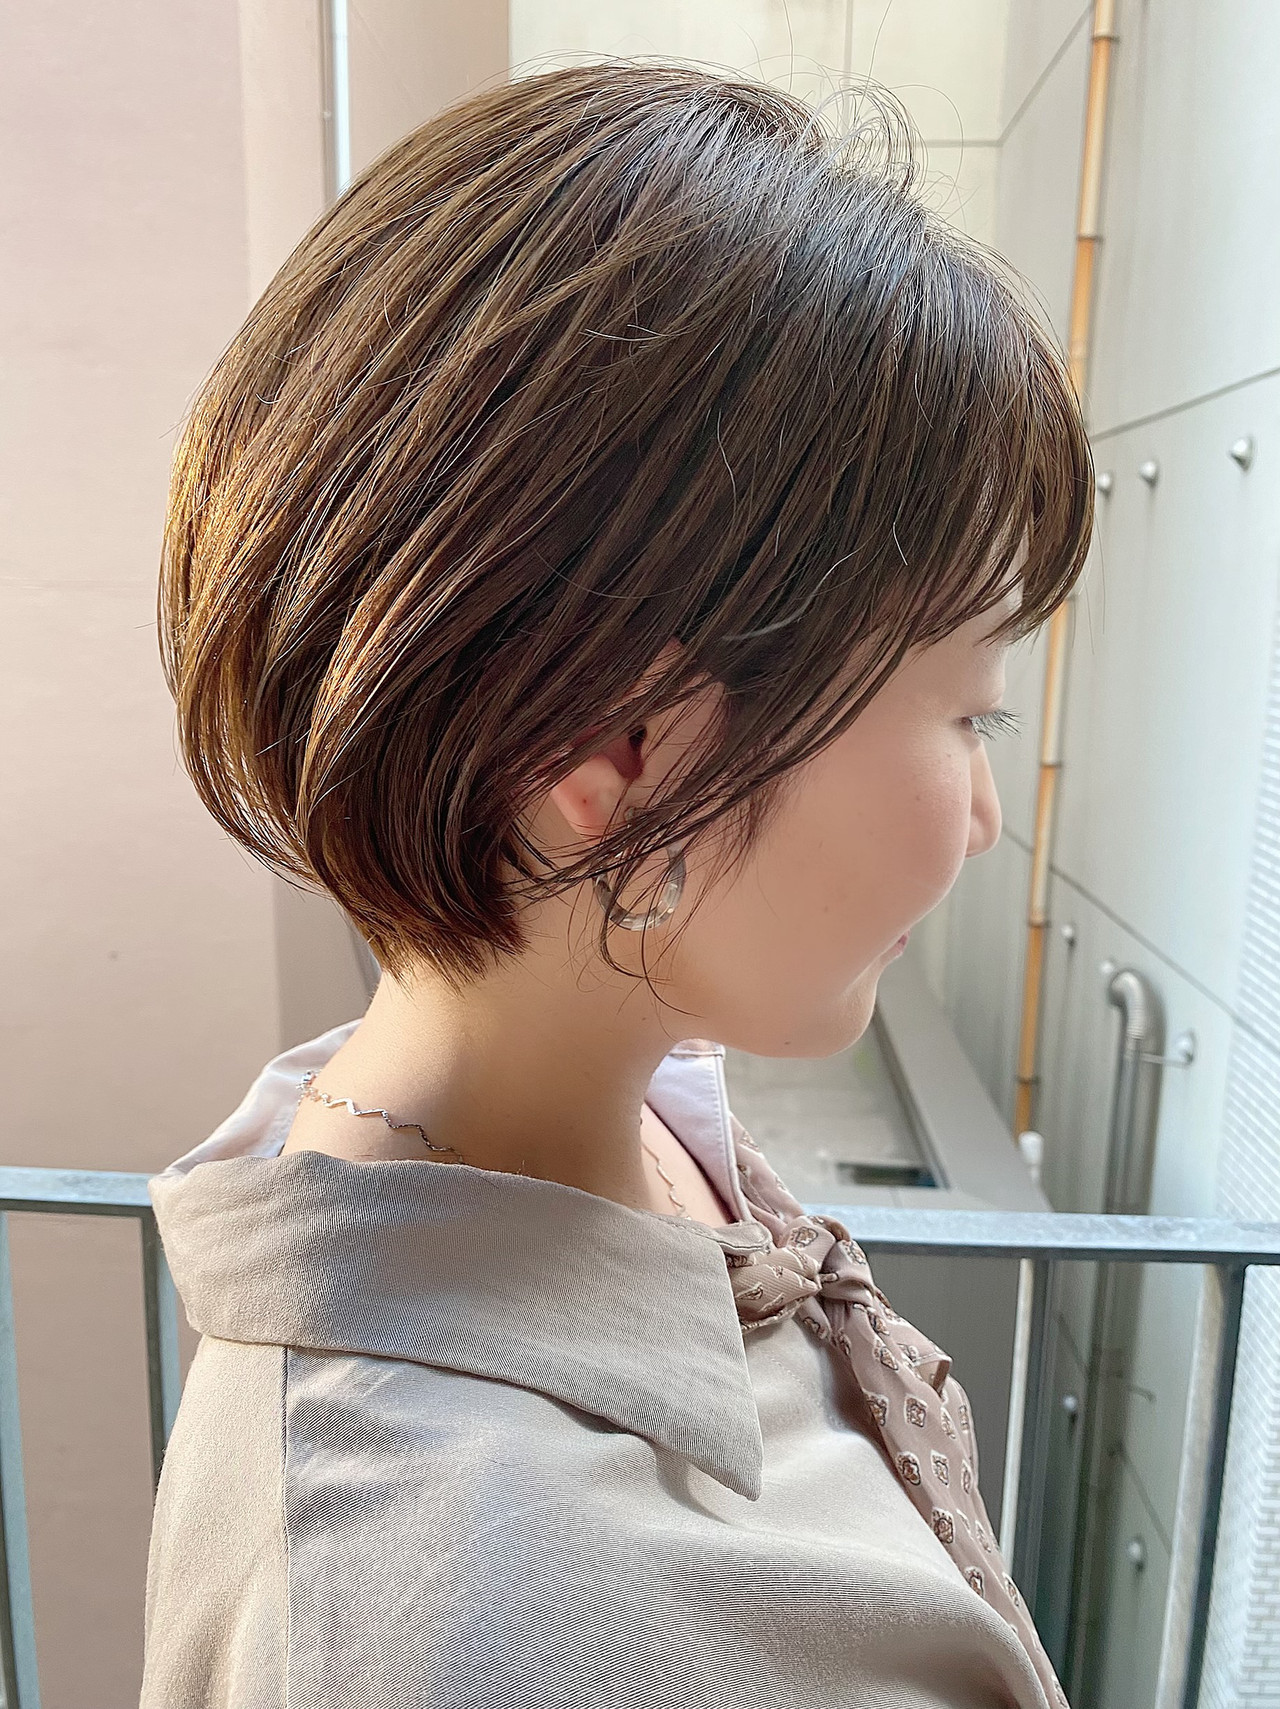 オフィス ショートヘア ショート ショートボブヘアスタイルや髪型の写真・画像